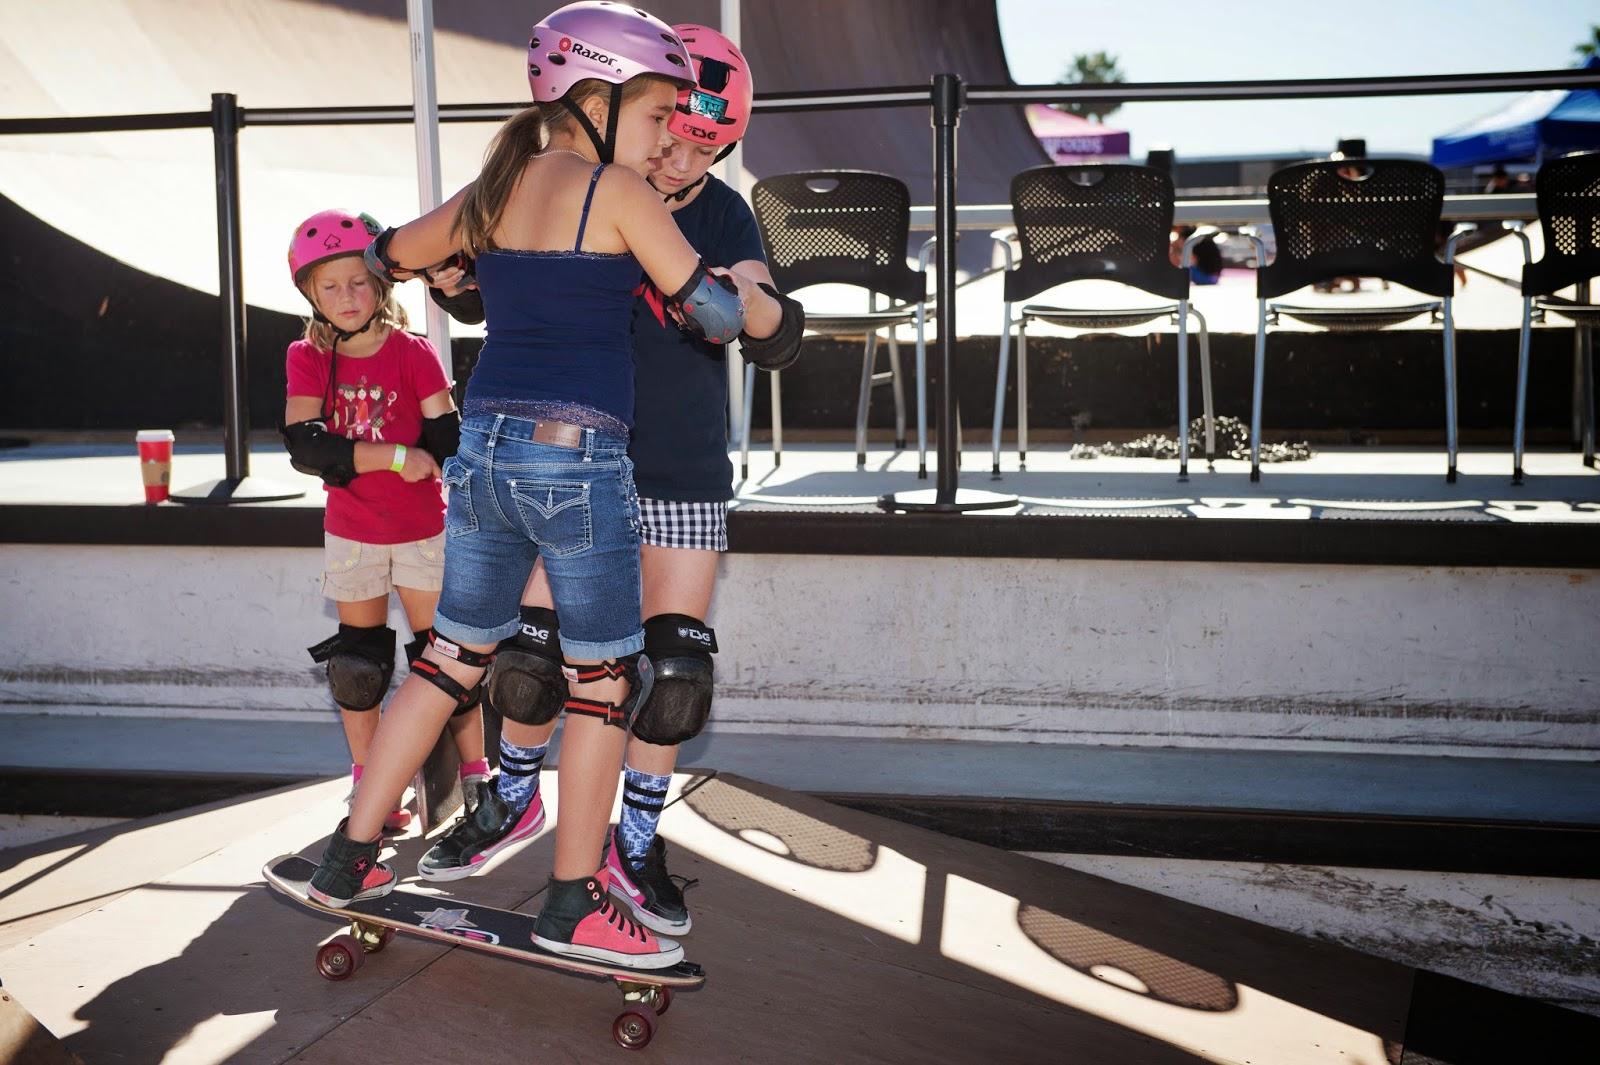 Zumiez roller skates - Photos Ian Logan